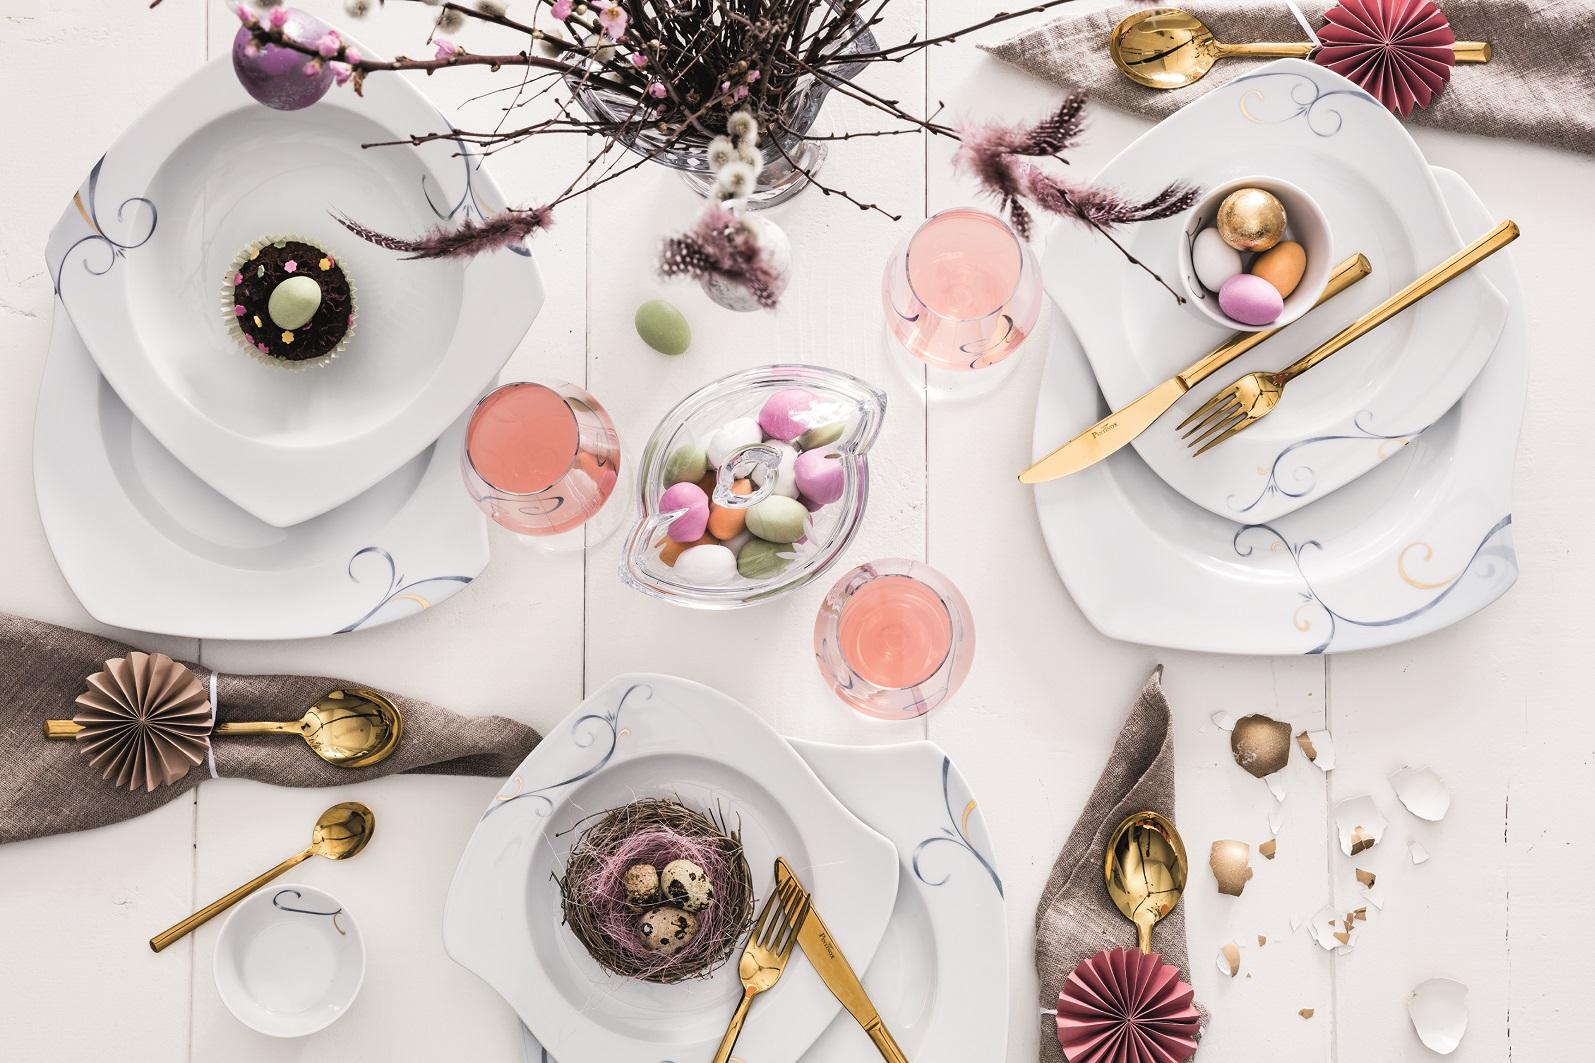 Wielkanocny stół: inspiracje Fyrklӧvern